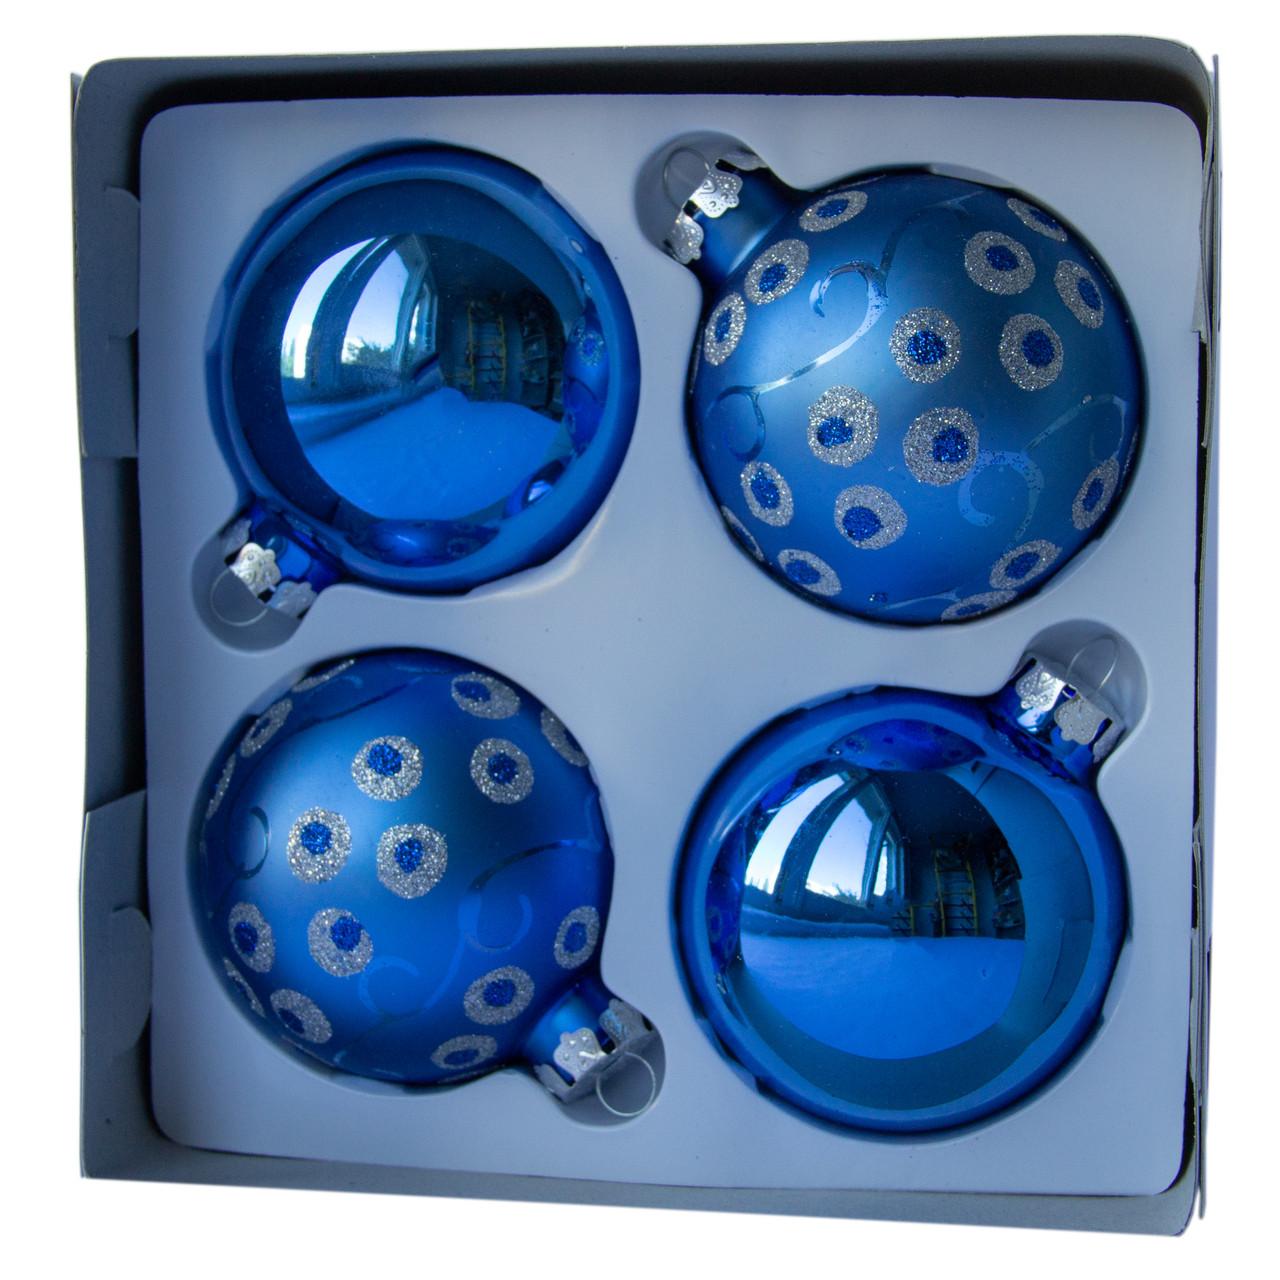 Набор елочных шаров d7*4шт, стекло, 2 синий и 2 синий в точку (390335-21)